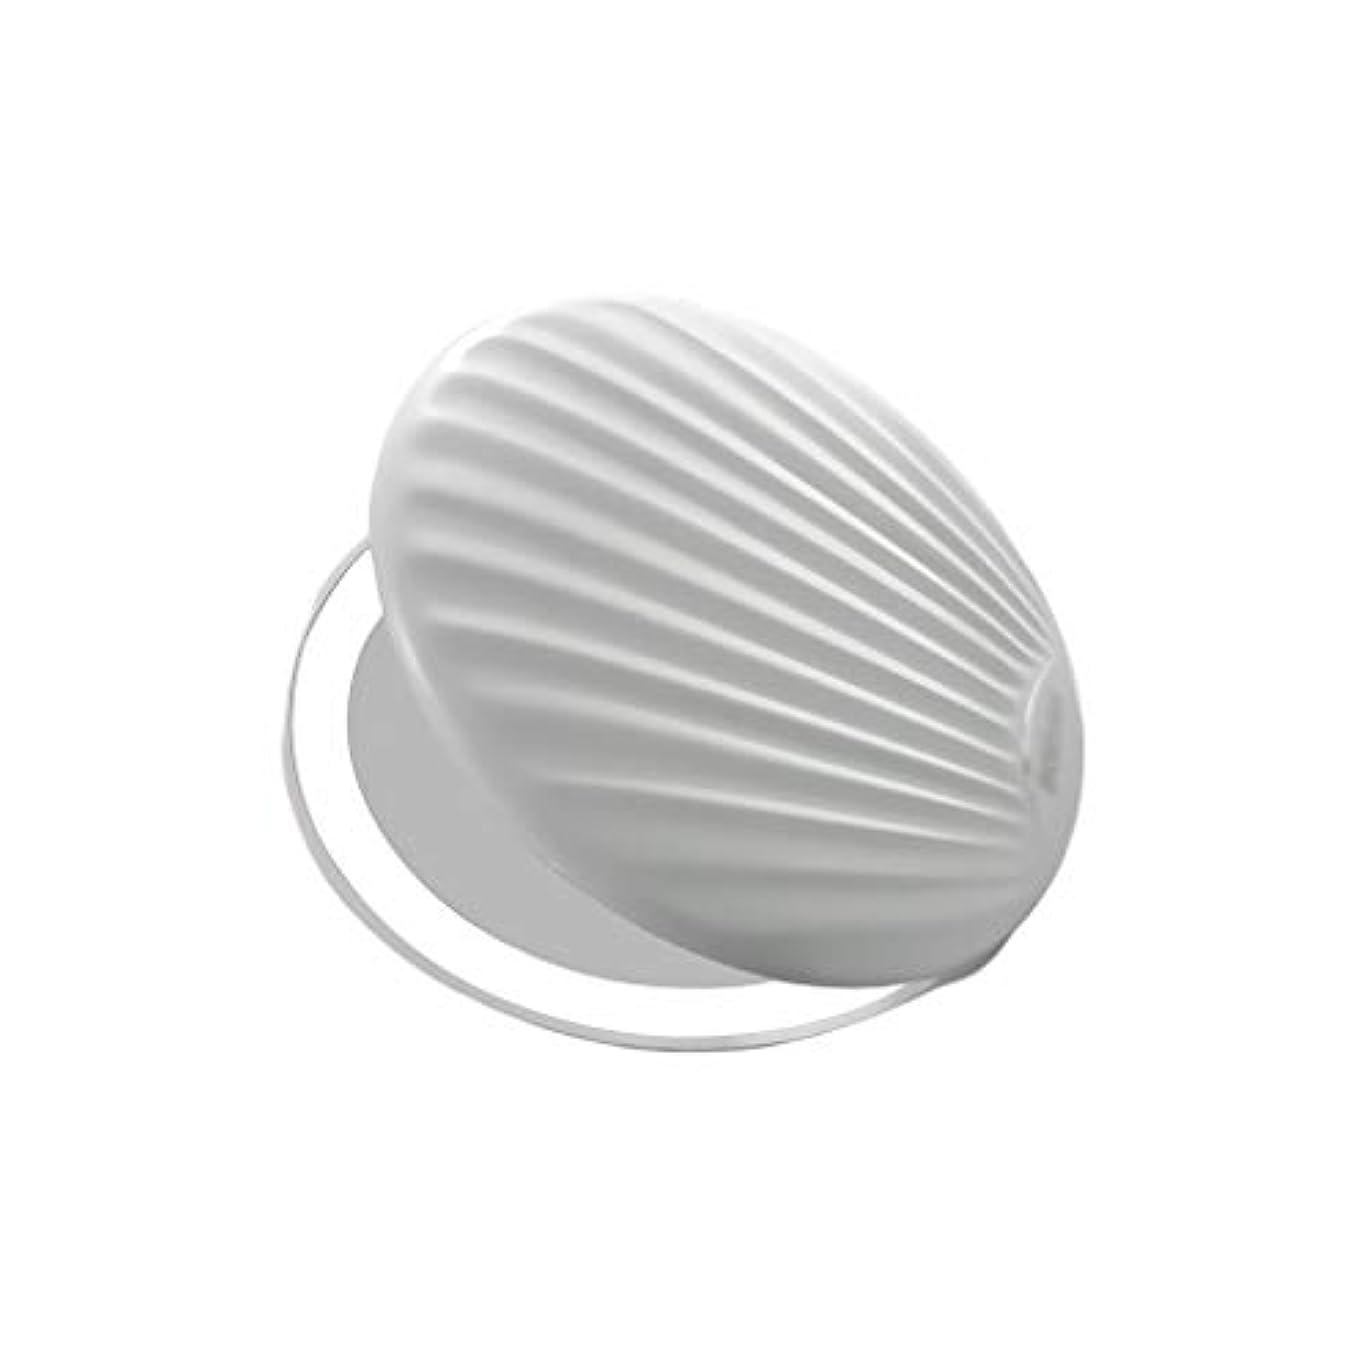 科学者掘るカップル高品質化粧鏡 小型ポータブル折りたたみミラー付きライト小型ミラーで充電LEDシェル化粧鏡 ポータブル (Color : White, サイズ : 9*9cm)